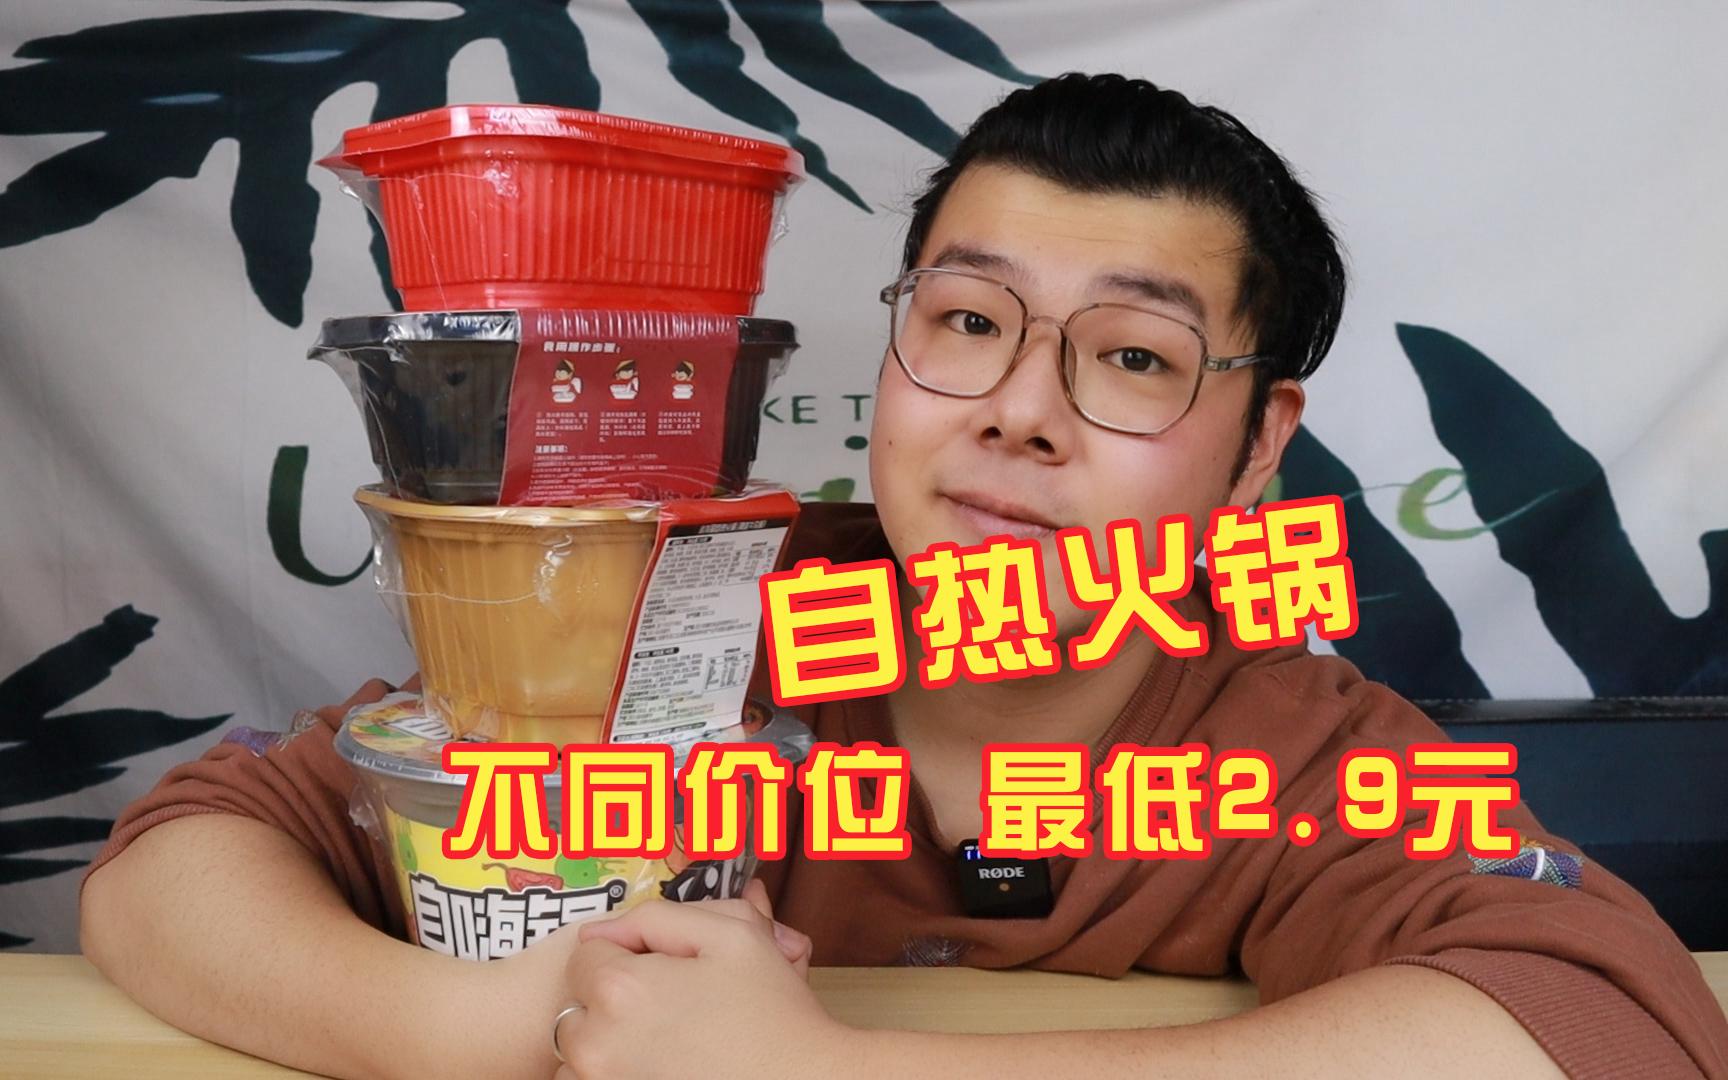 不同价位的自热火锅吃起来有啥区别?2.9元一盒,真的能吃吗?